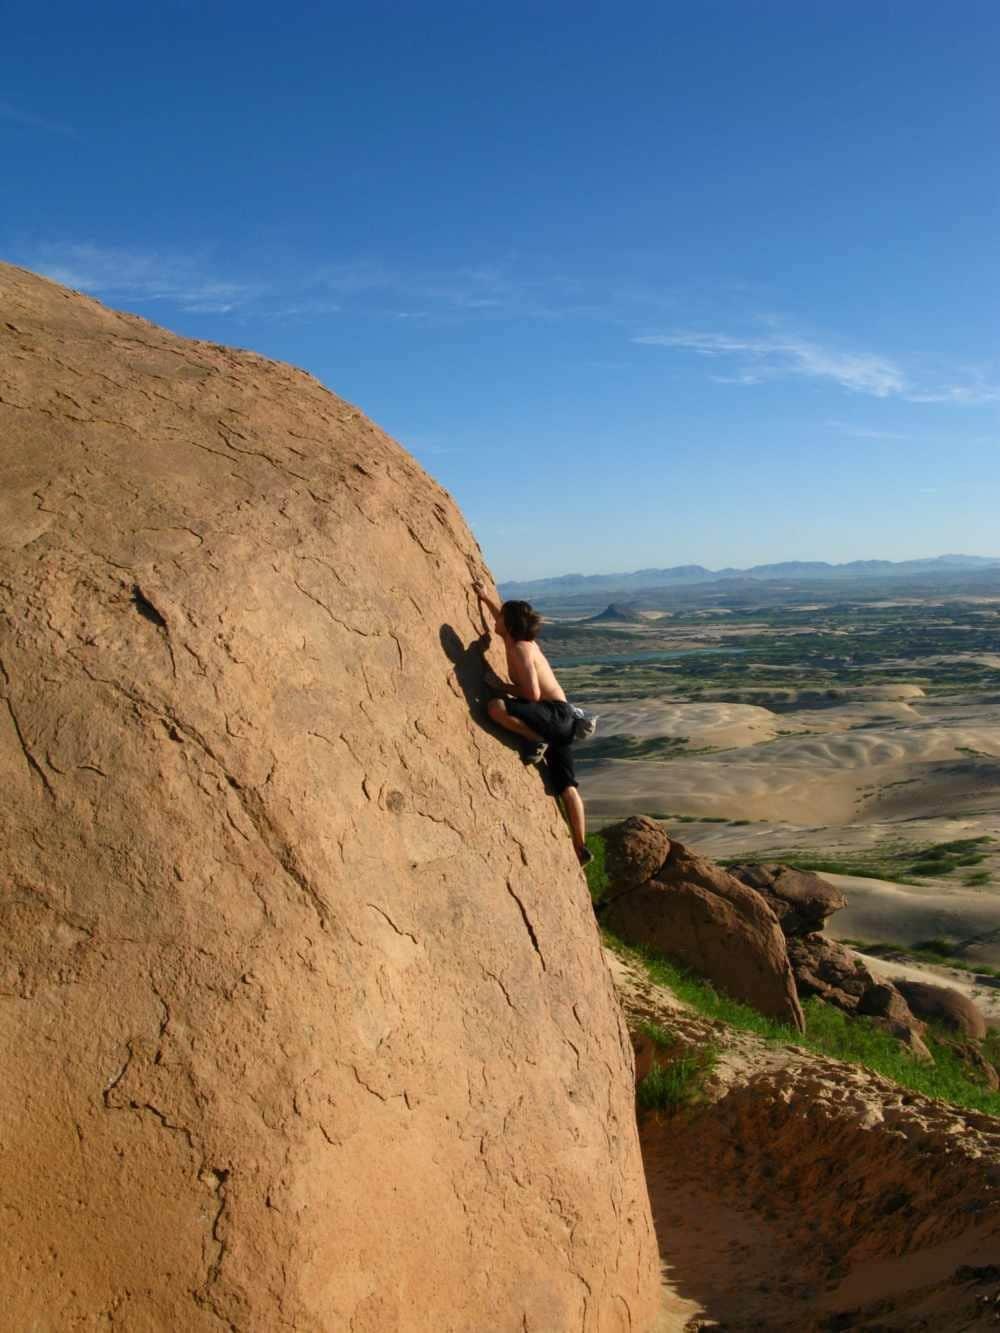 Bouldertrip in die innere Mongolei